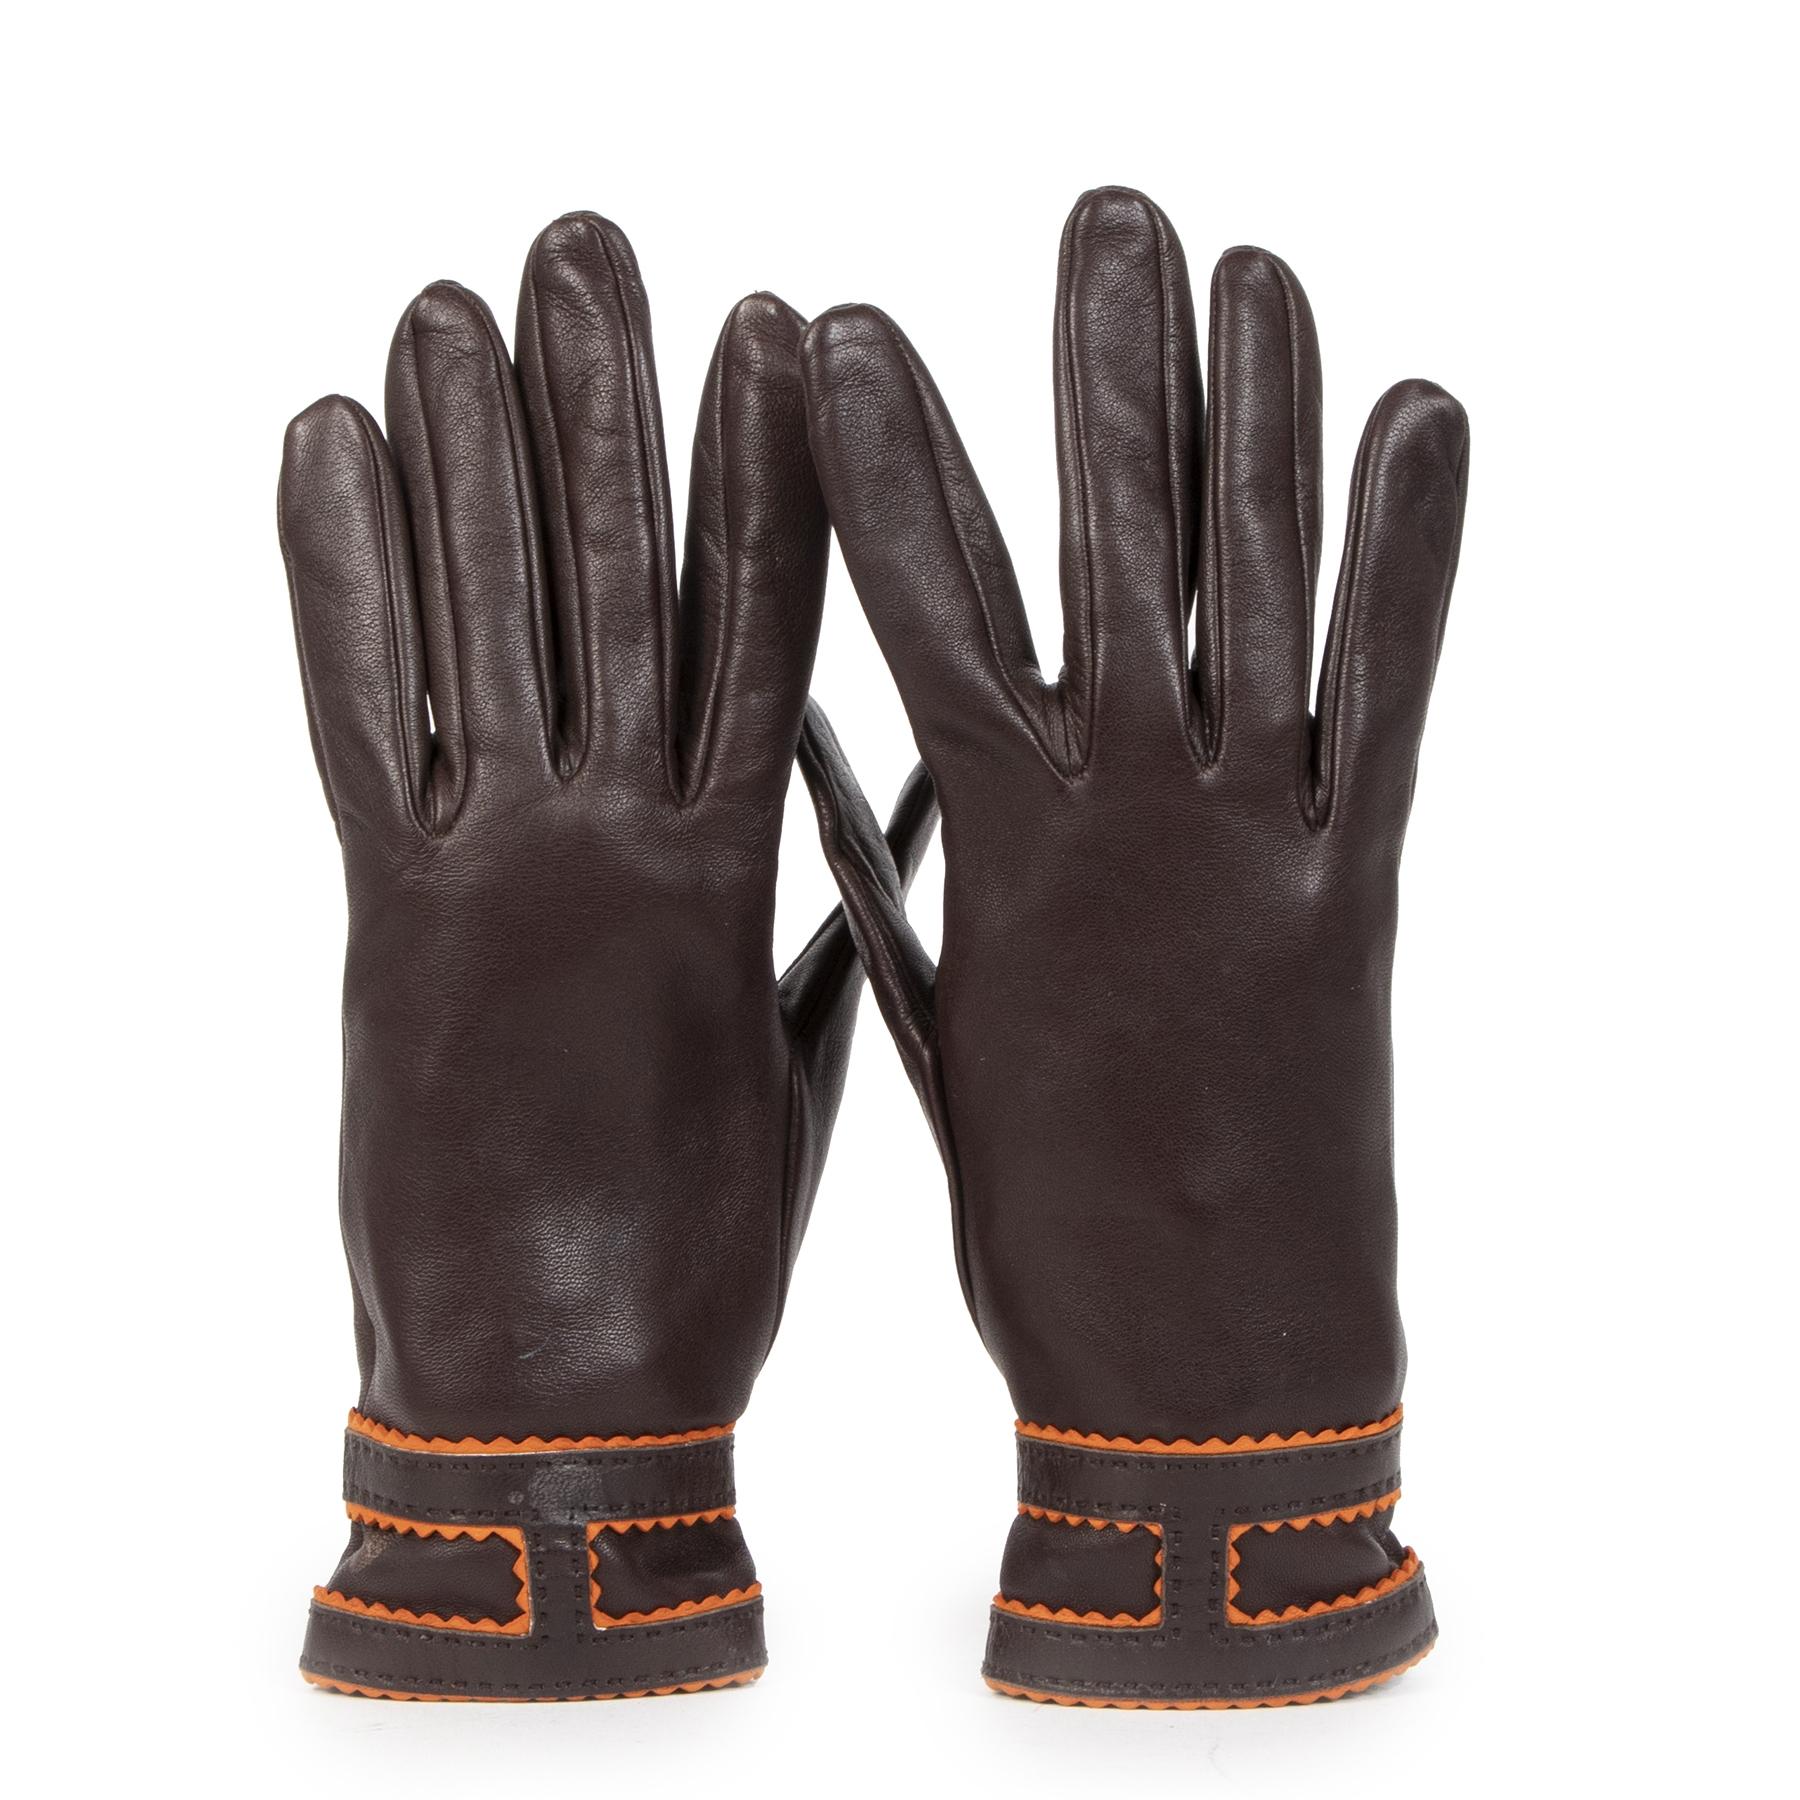 Authentieke Tweedehands Hermès Brown Lambskin Leather Gloves juiste prijs veilig online shoppen luxe merken webshop winkelen Antwerpen België mode fashion